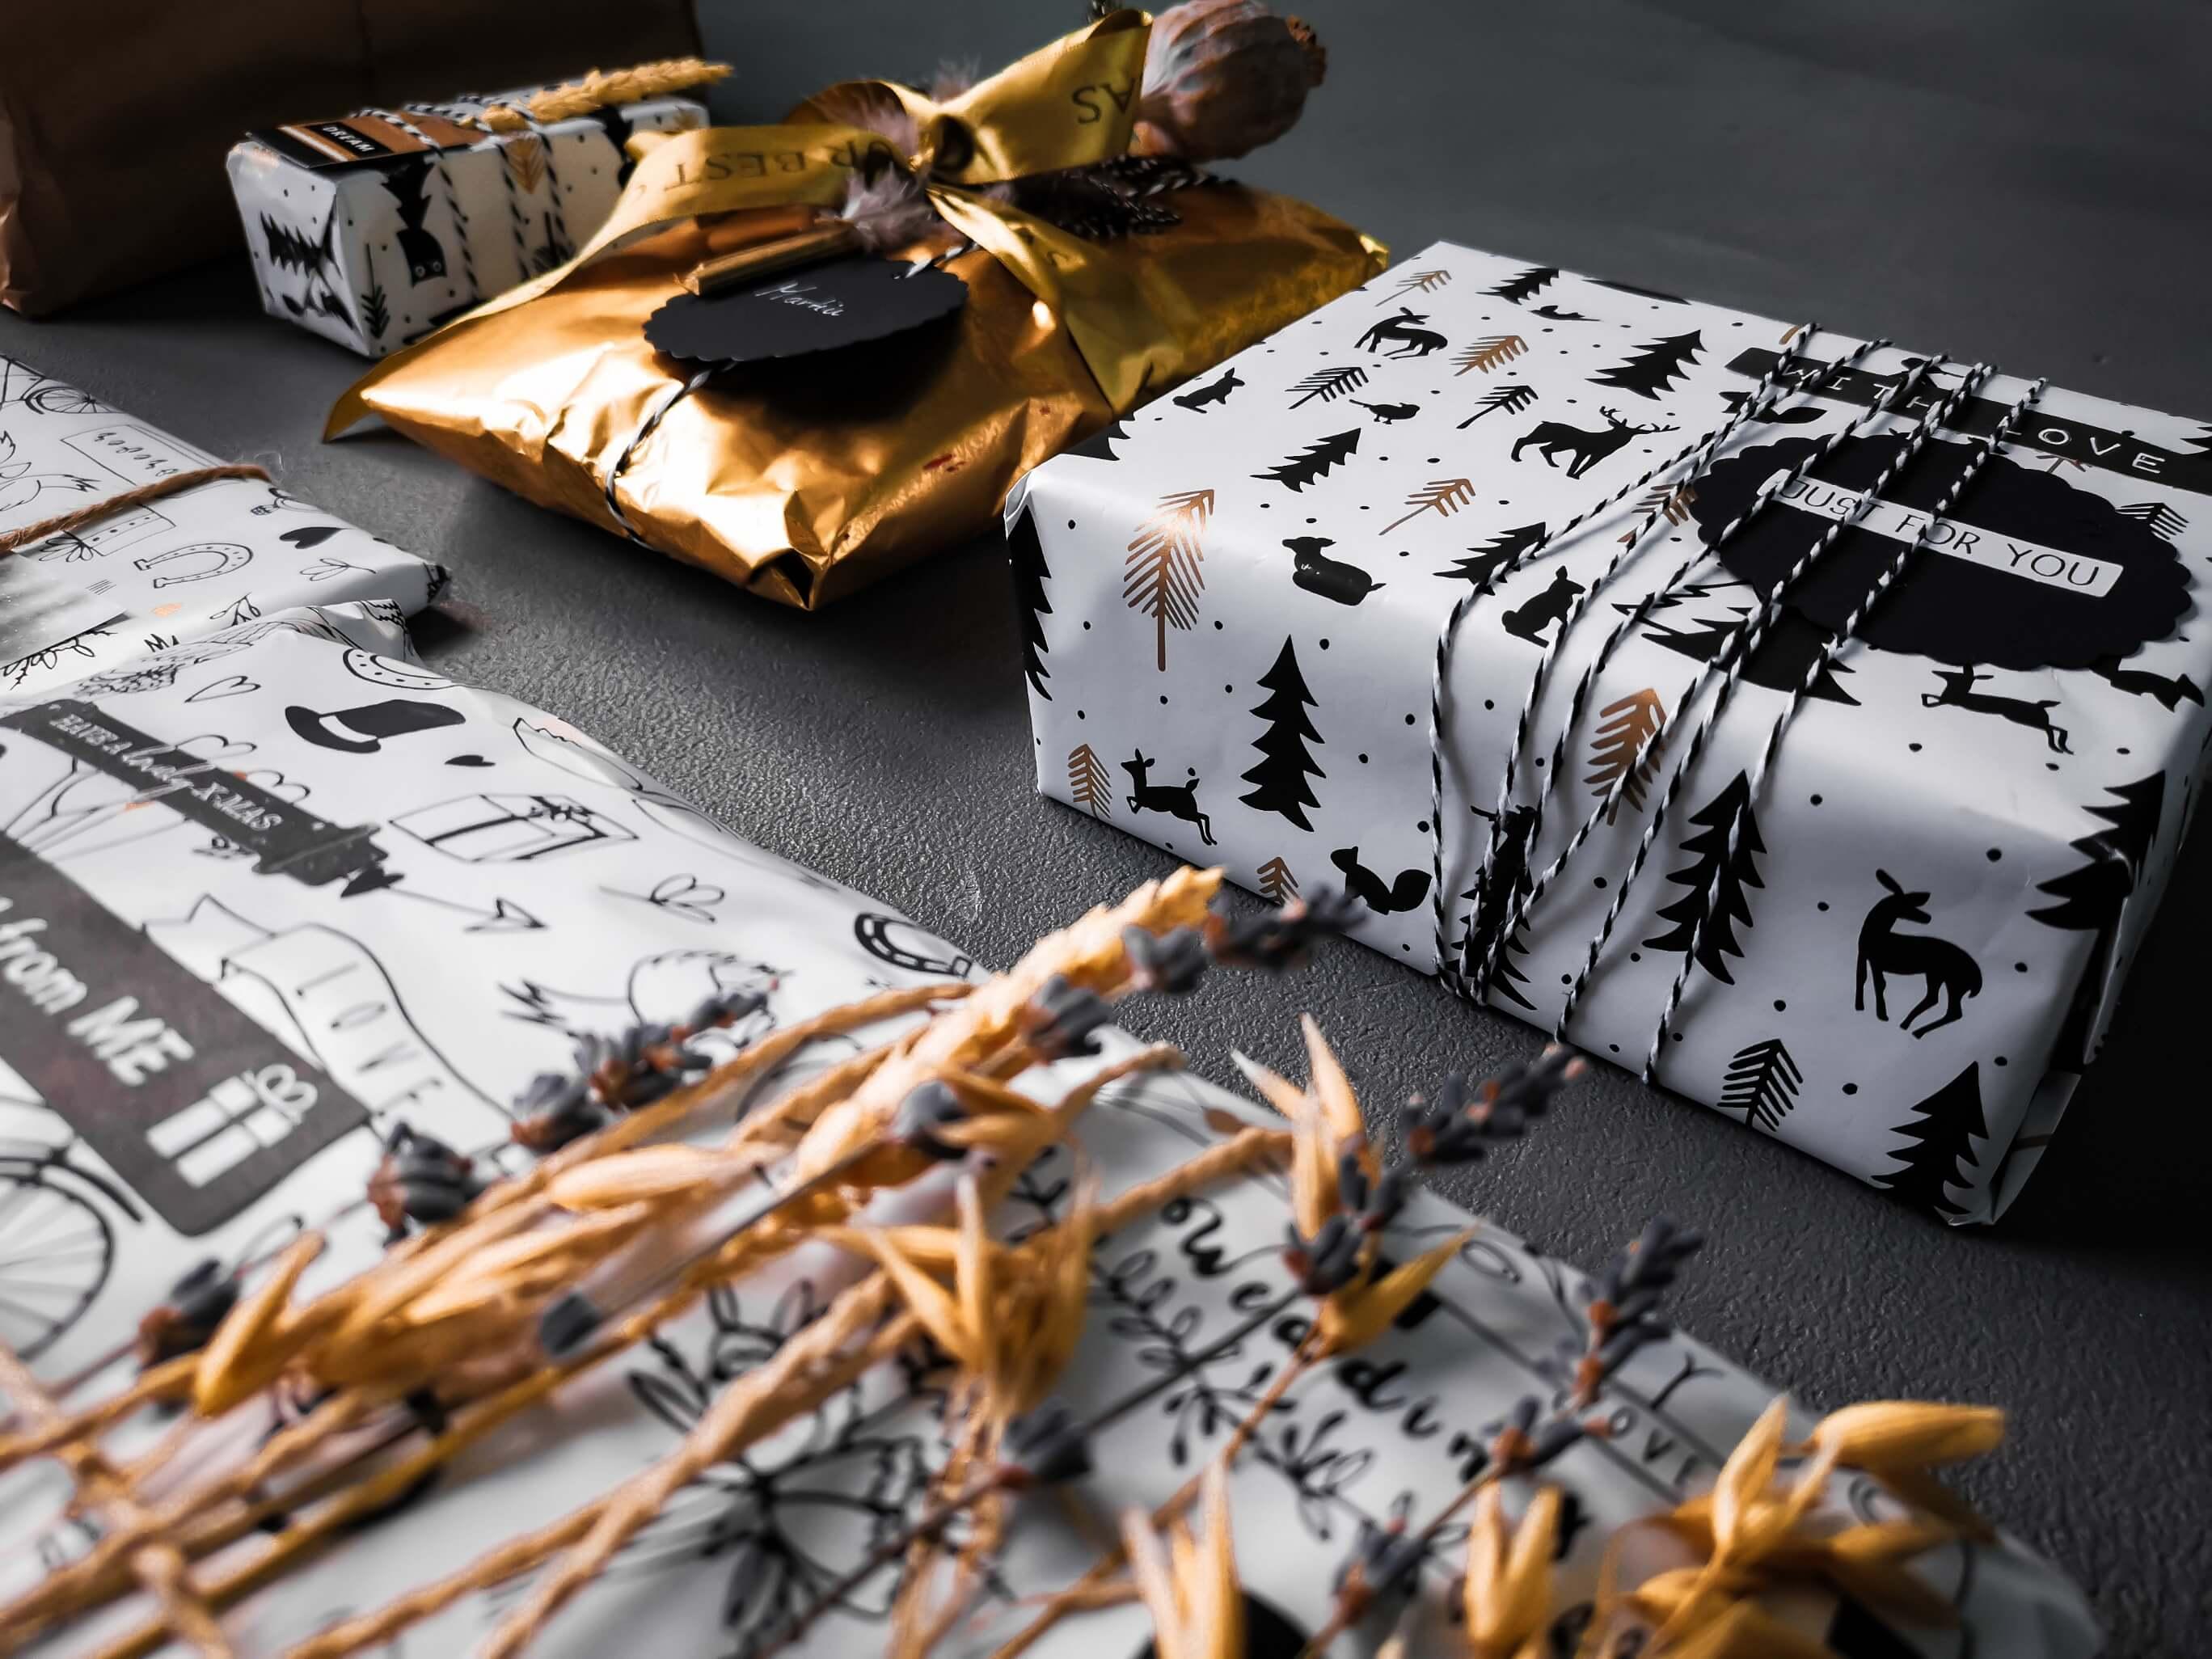 IMG 20191207 110639 resized 20191208 060332651 - 11 tipov ako zabaliť vianočné darčeky originálne a kreatívne